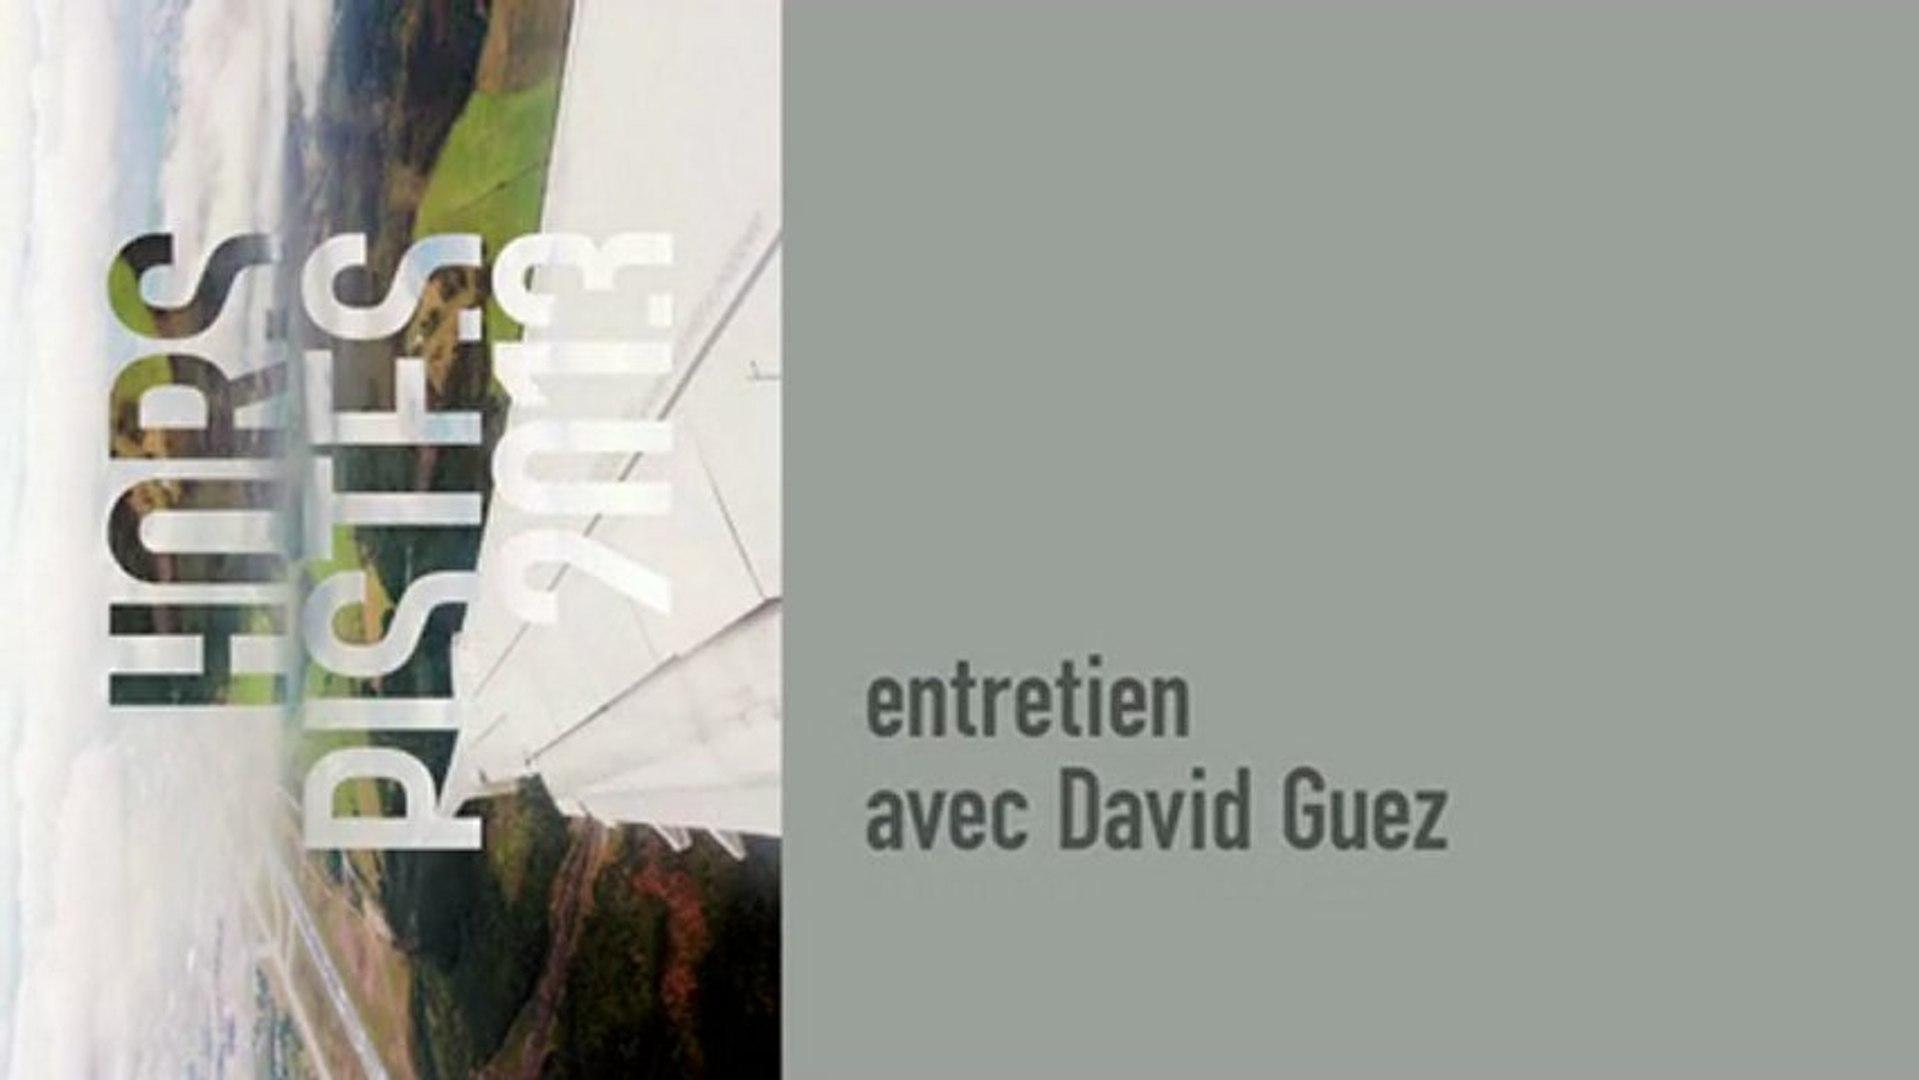 Entretien avec David Guez autour de Hors Pistes 2013 - cycle du 18 janvier 2013 au  3 février 2013